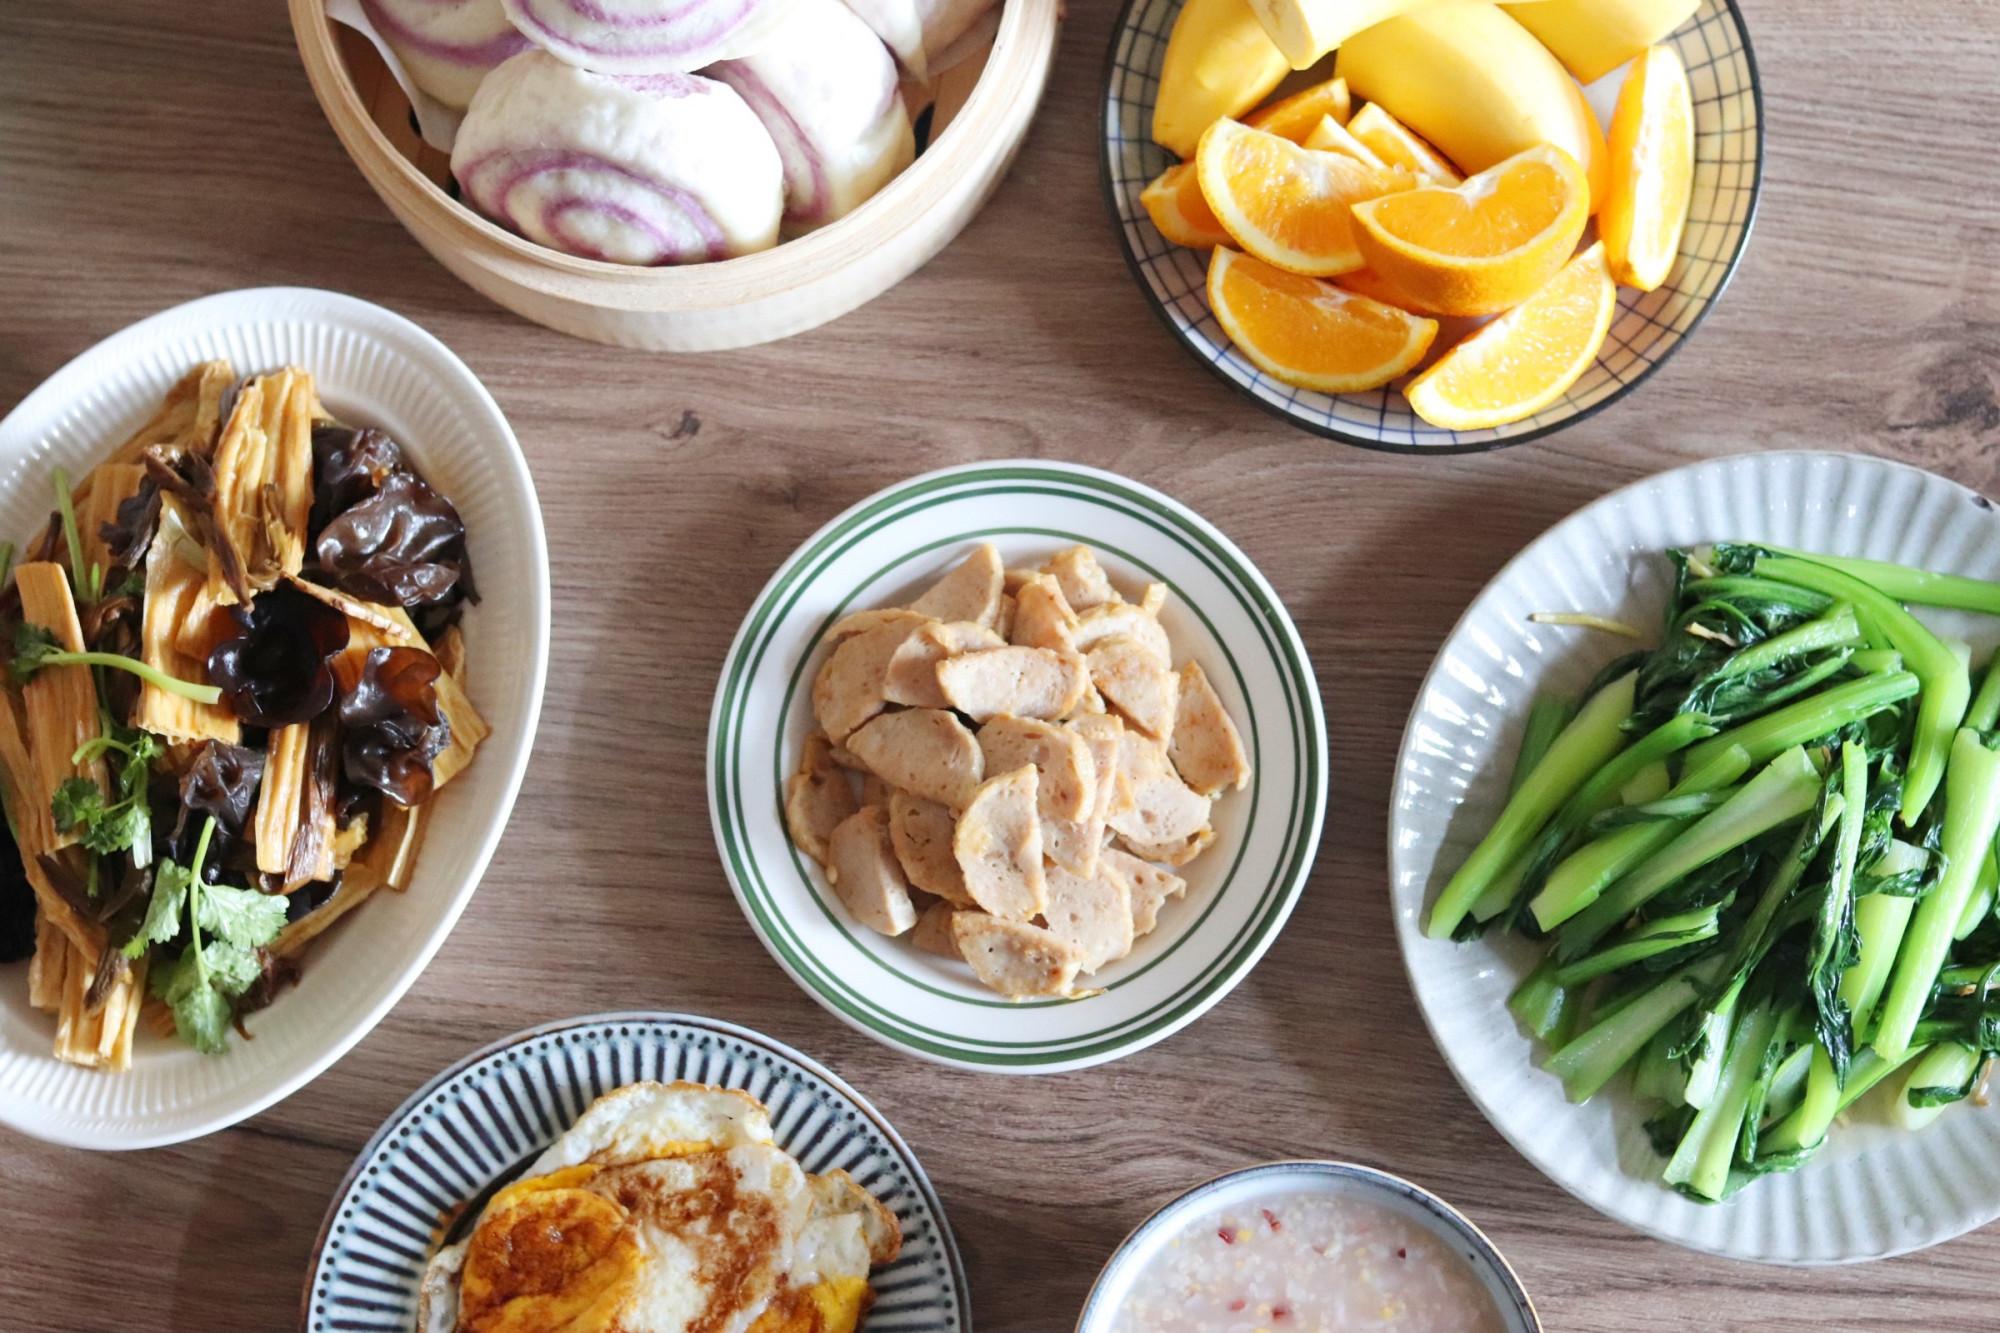 早餐▲用心搭配营养美味,朋友看了都说:满满都是爱,潮汕妈妈做的早餐